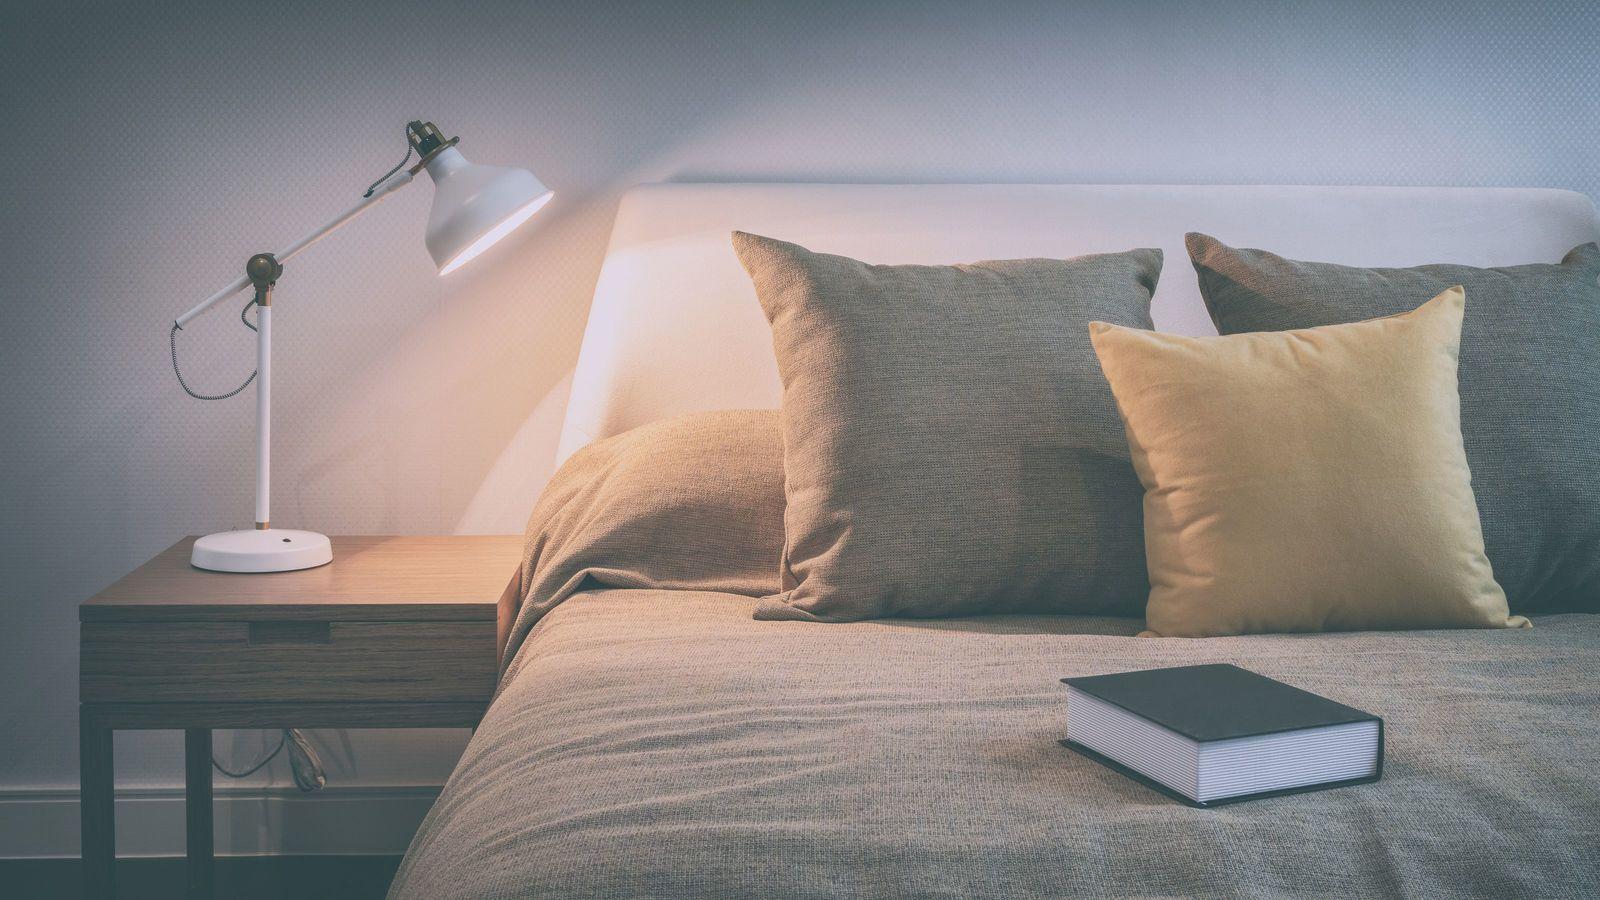 羽生善治に勝利した棋士の「対局前日の睡眠法」 将棋に無関係の読書と首巻きタオル